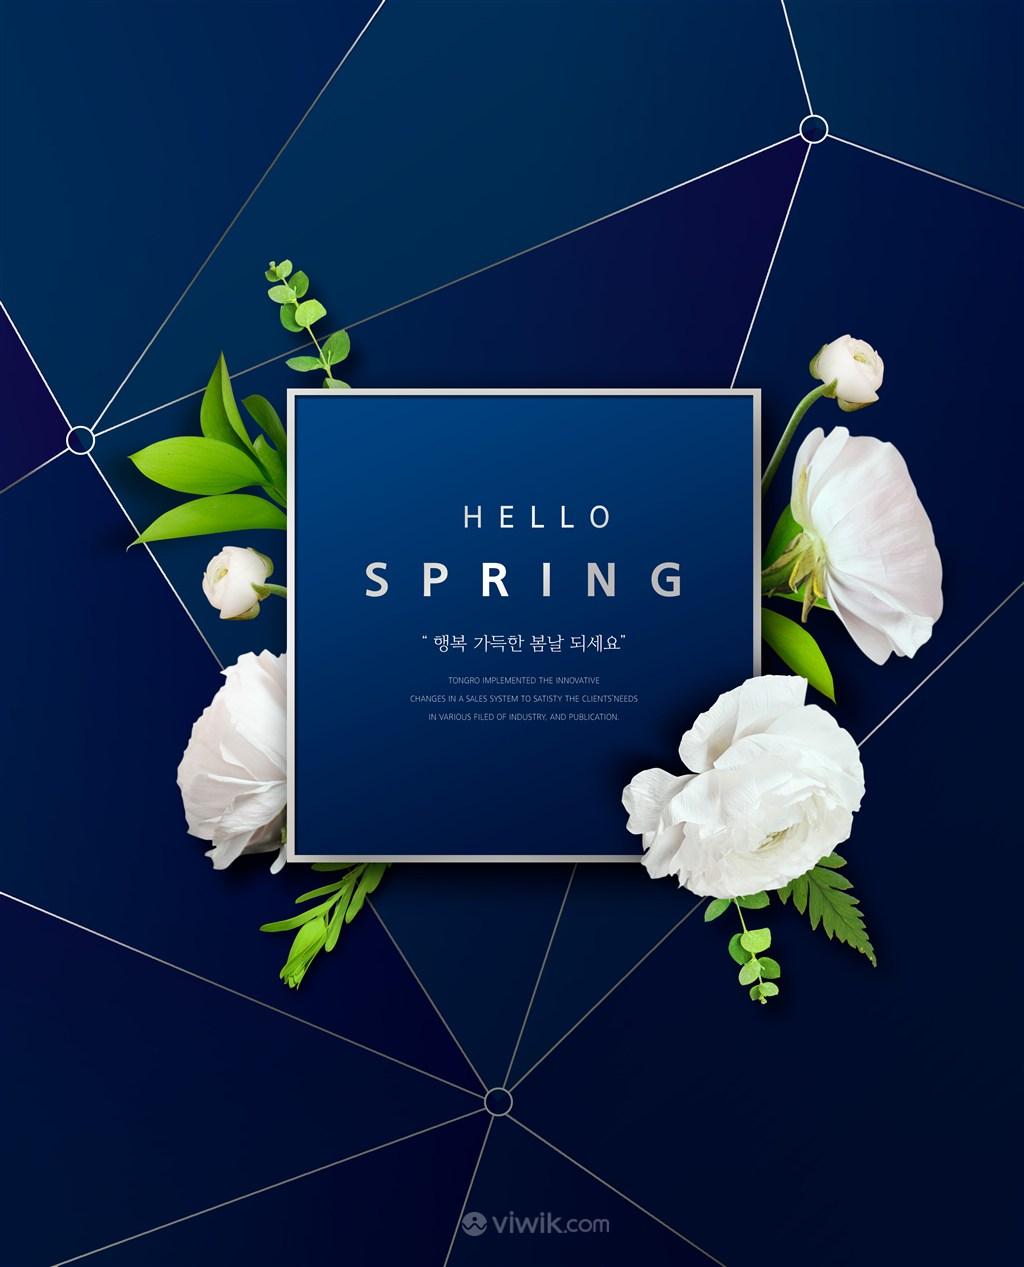 几何背景淡雅花朵春季促销海报模板